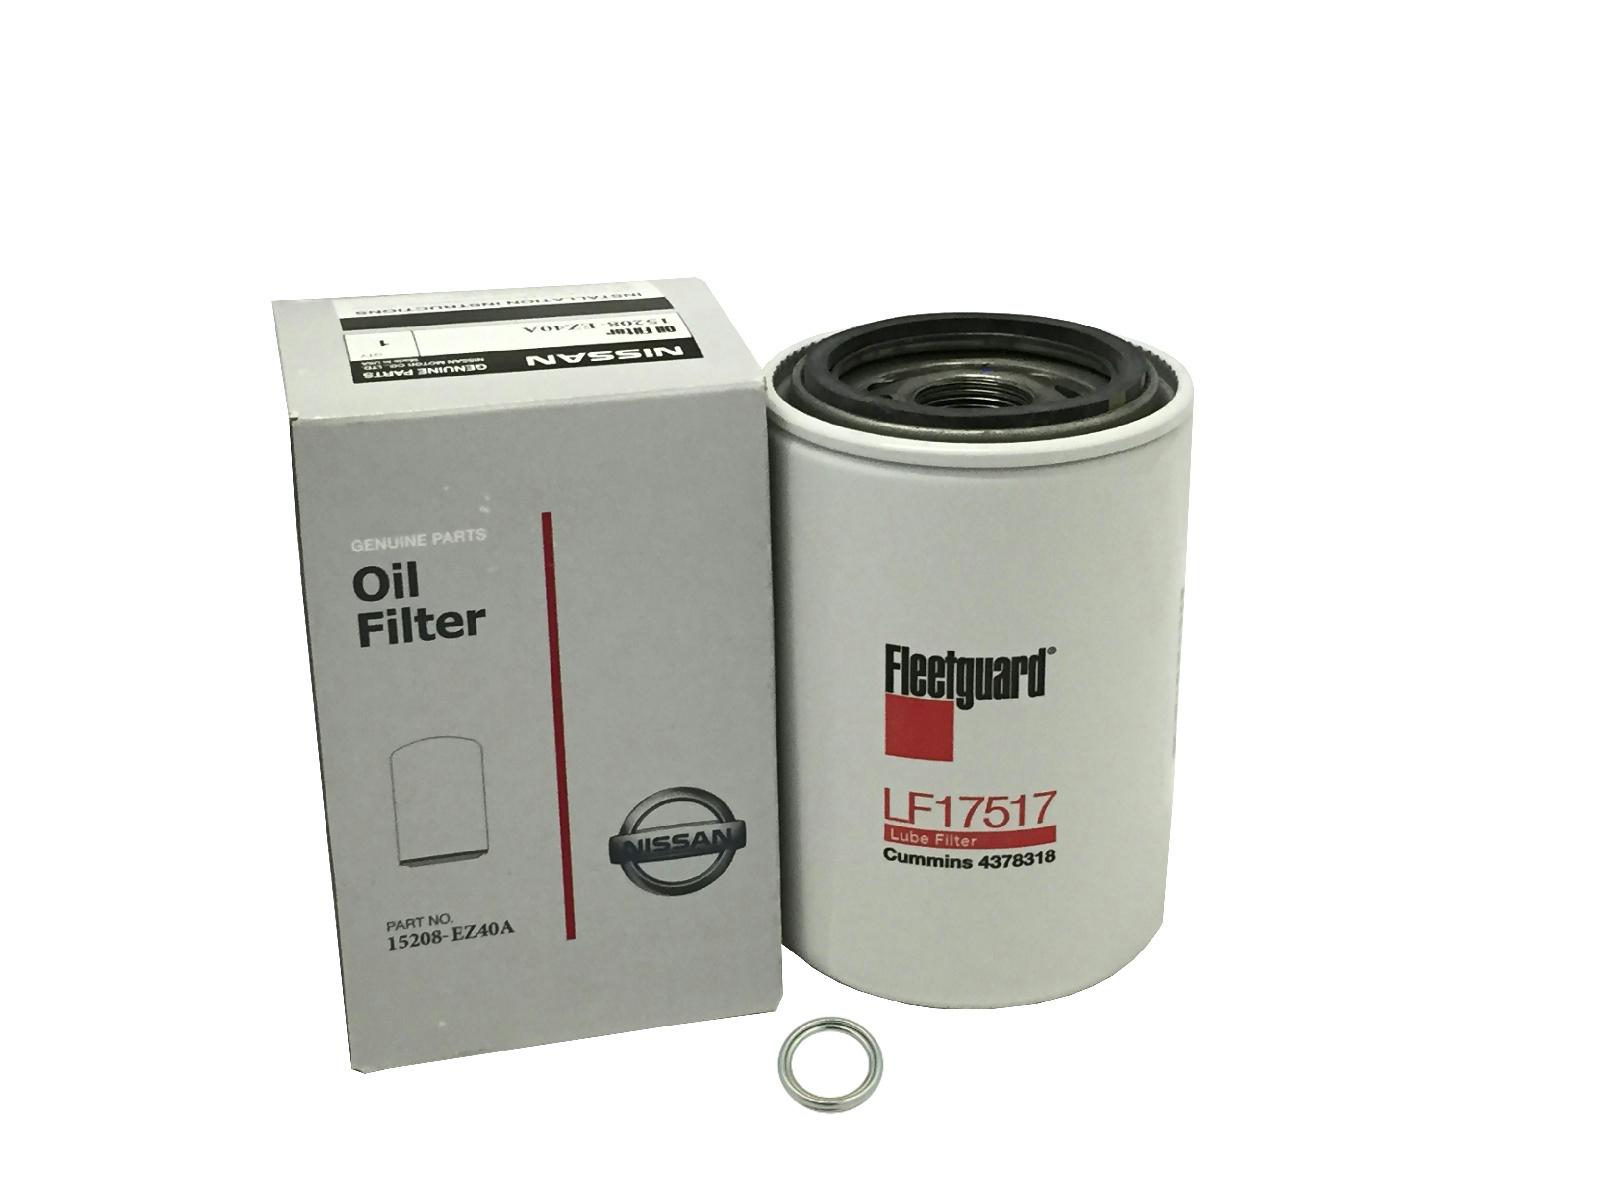 nissan d21 fuel filter genuine nissan oem oil filter 15208-ez40a titan xd 5.0 v8 ... #3